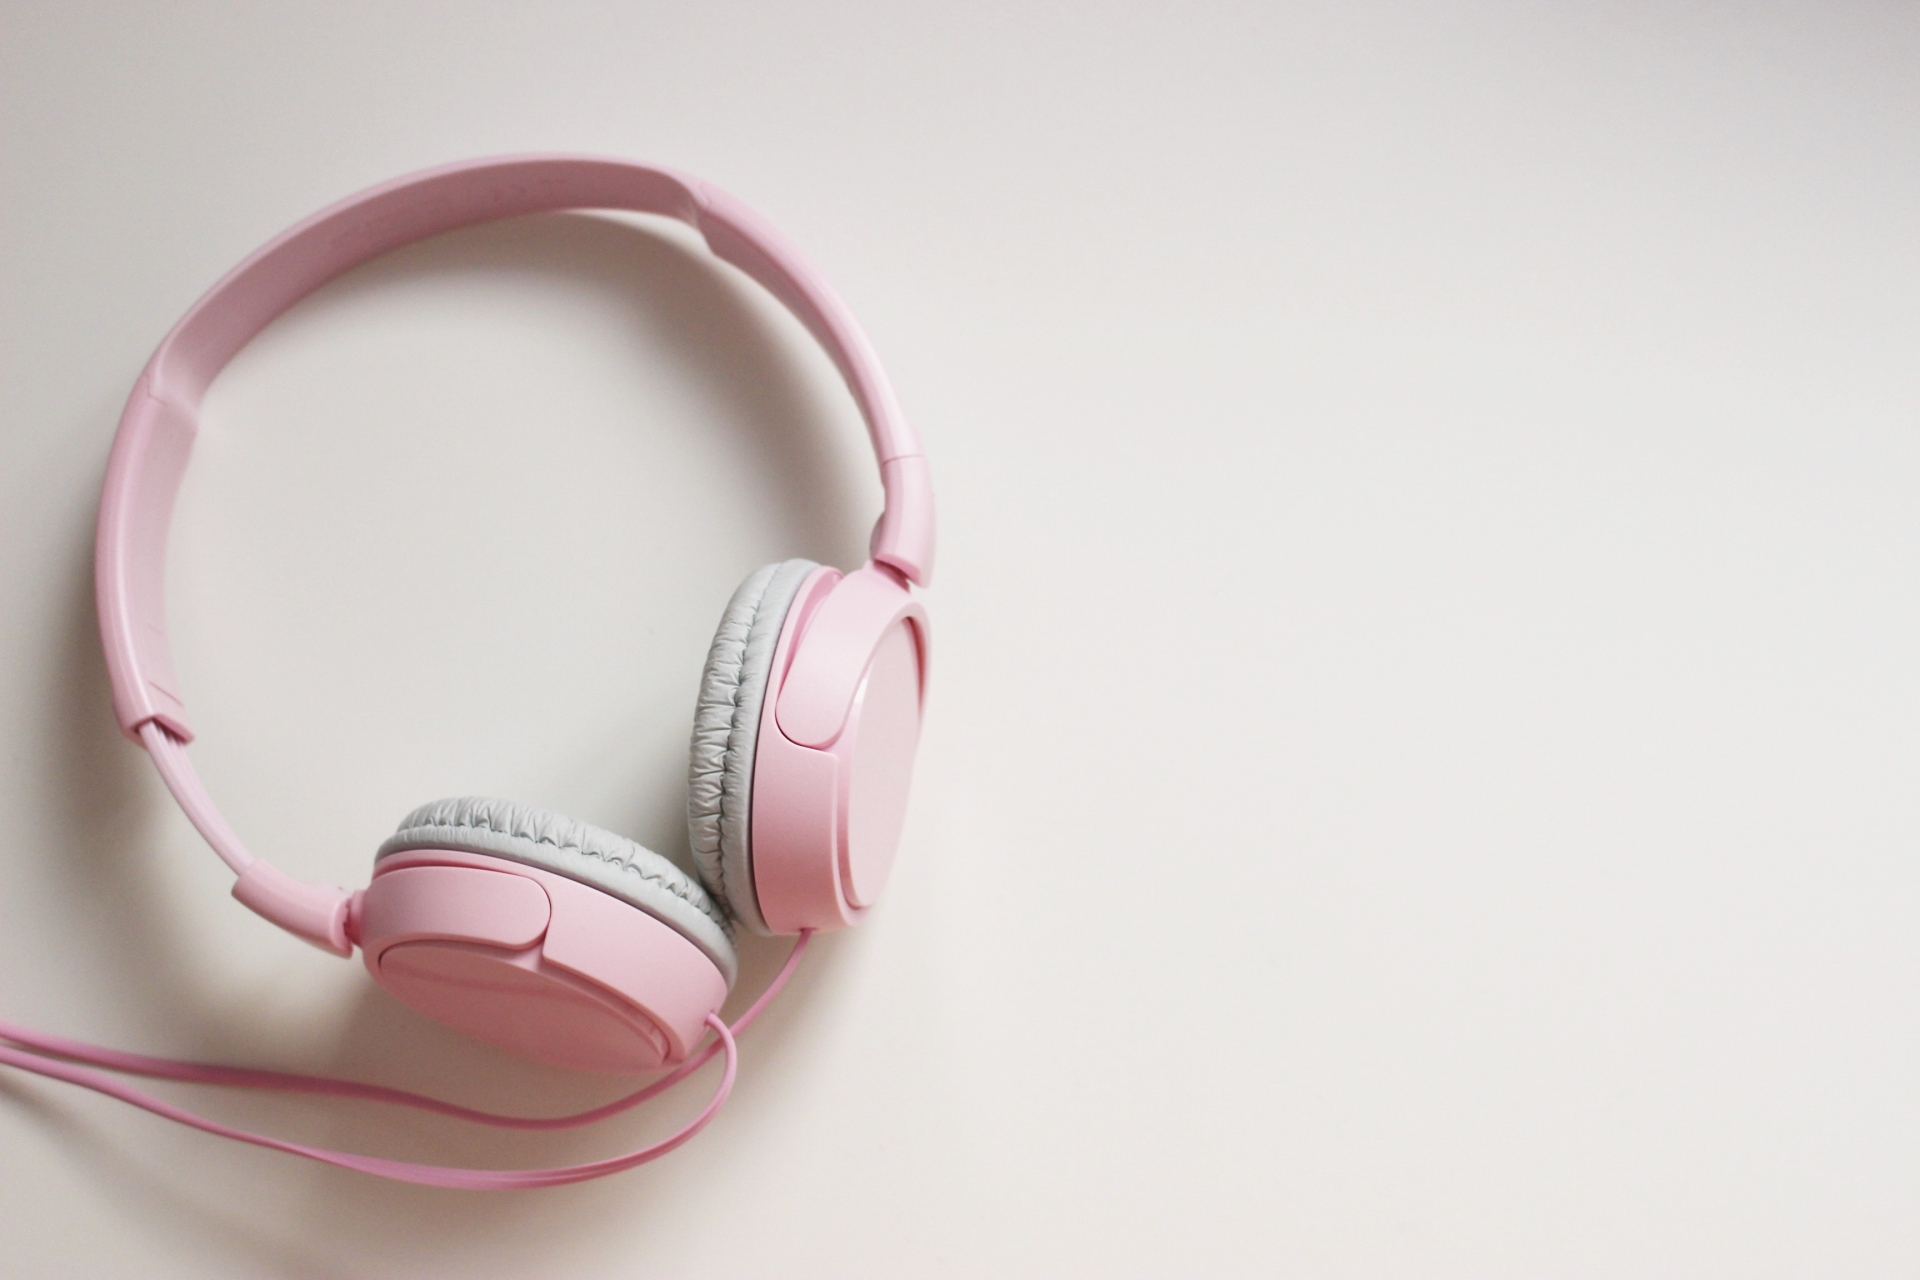 音楽を聴いてストレス解消